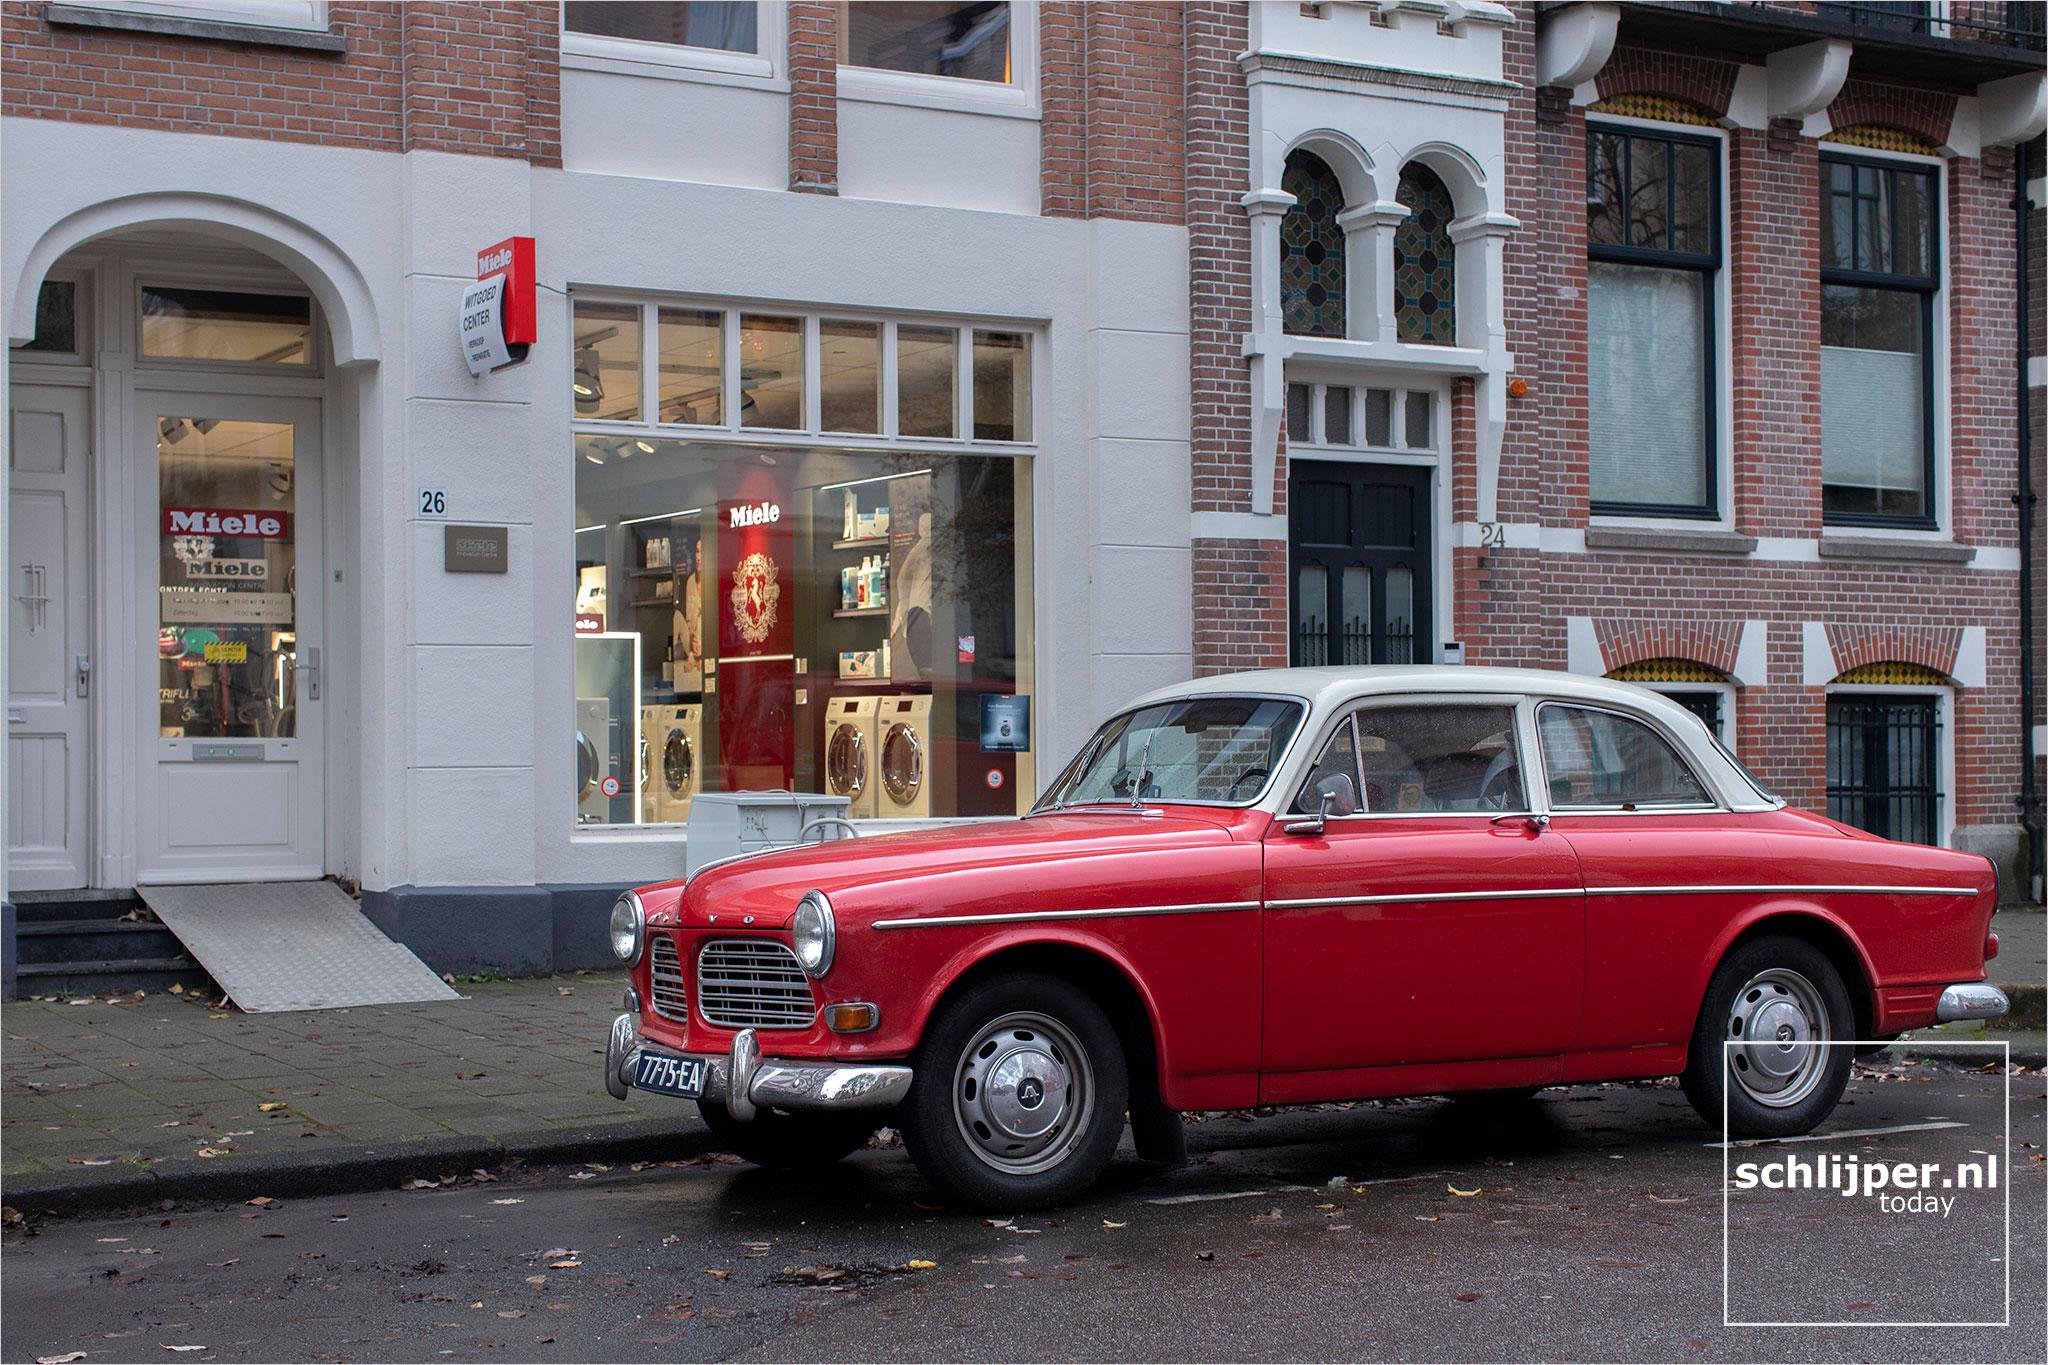 Nederland, Amsterdam, 16 november 2020